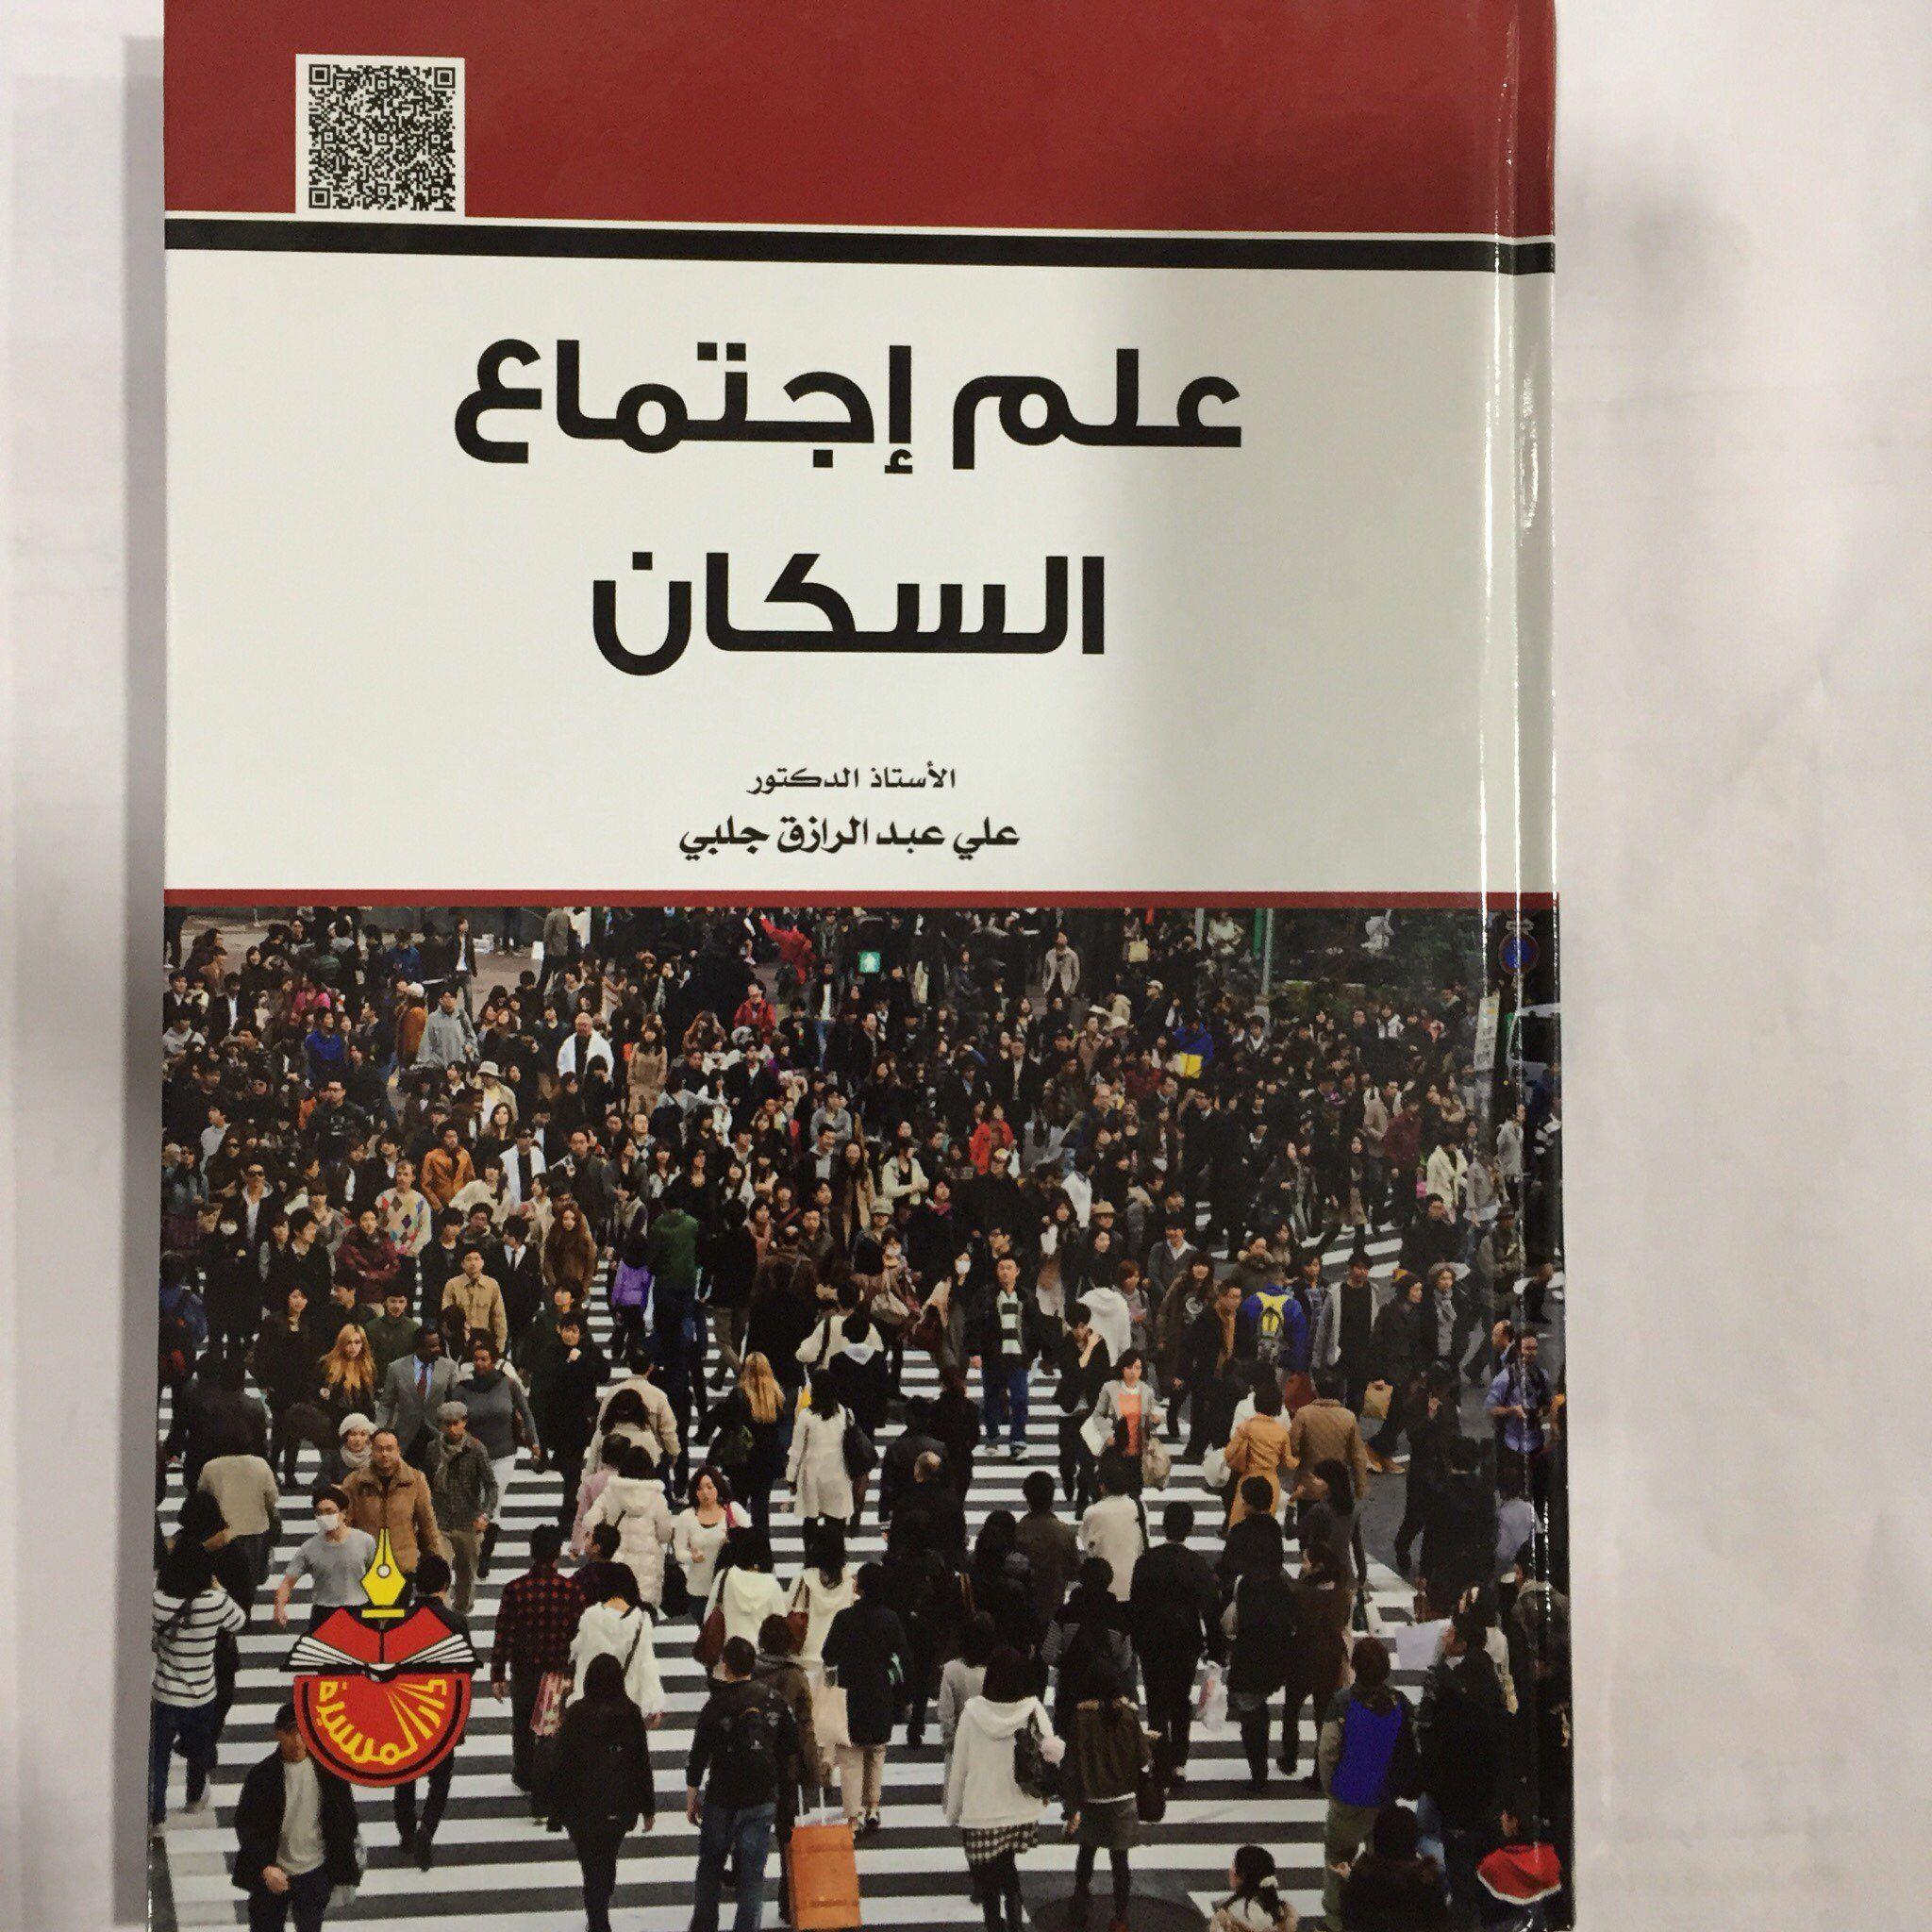 علم اجتماع السكان تأليف علي عبد الرازق جلبي Cards Playbill Baseball Cards